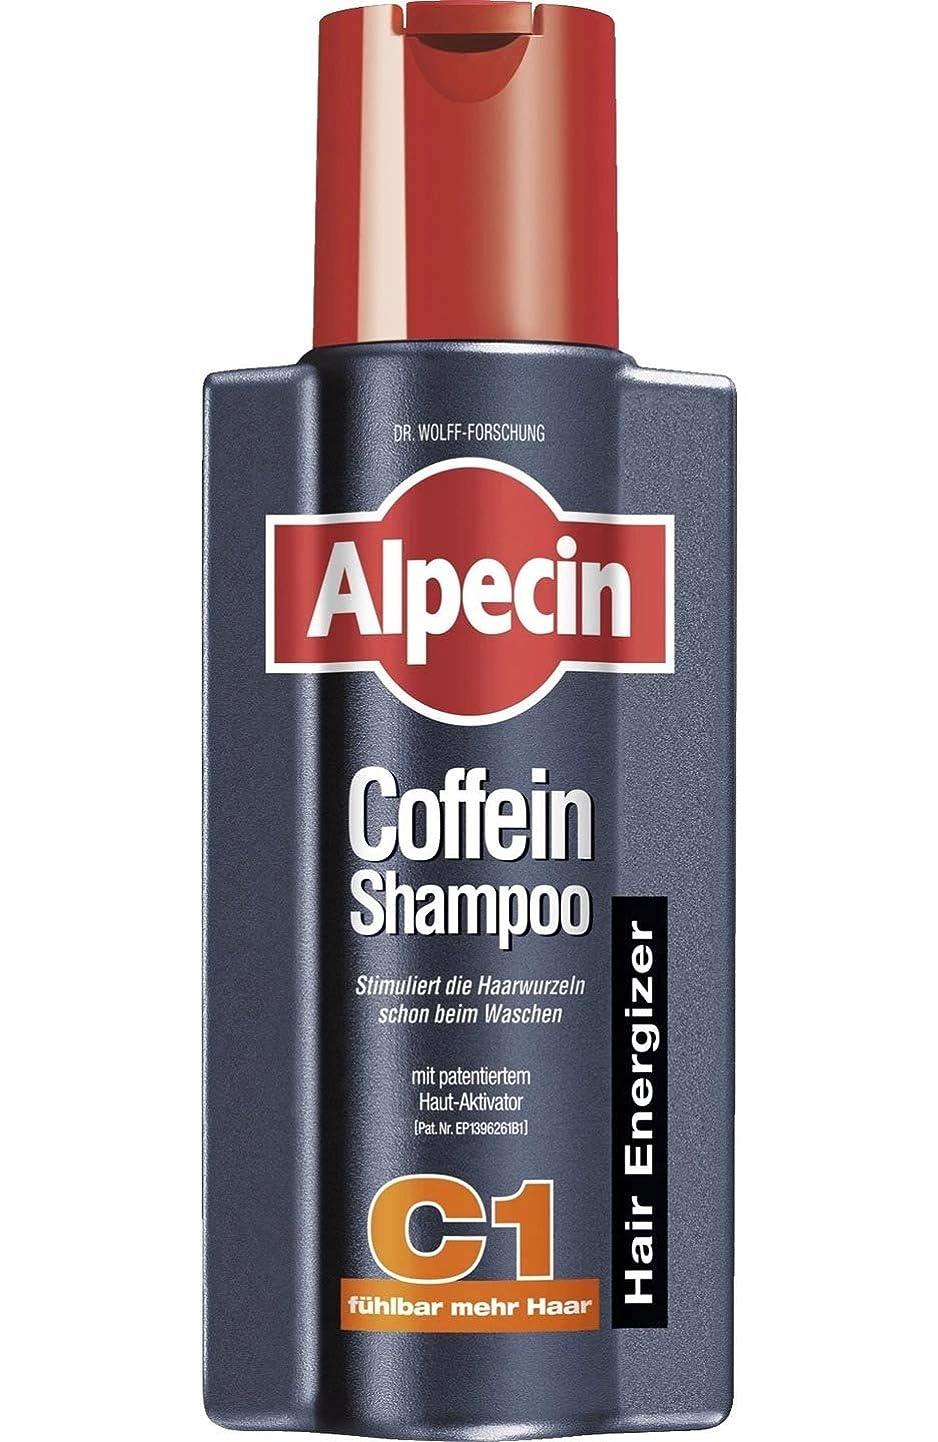 マスタードつぼみ命令的アルペシン カフェイン シャンプー Alpecin Coffein Shampoo C1 250 ml [並行輸入品]